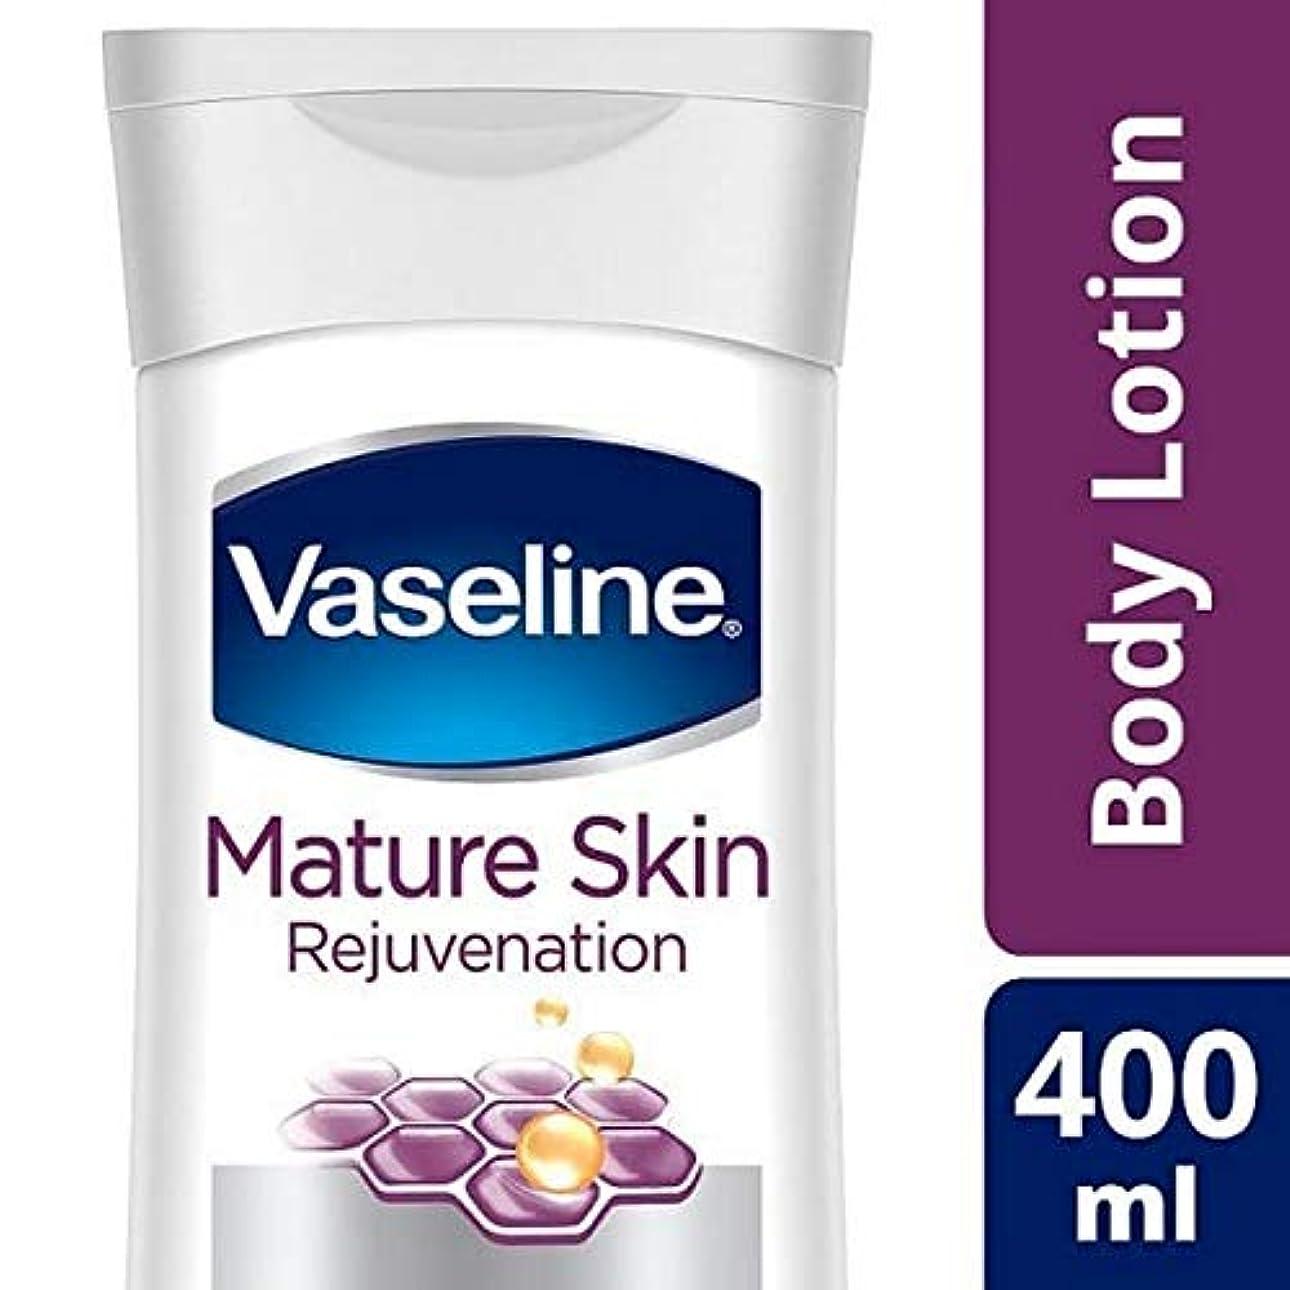 納税者間違えたおいしい[Vaseline ] 成熟した肌のための400ミリリットルワセリン集中治療ボディローション - Vaseline Intensive Care Body Lotion for Mature Skin 400ml [並行輸入品]